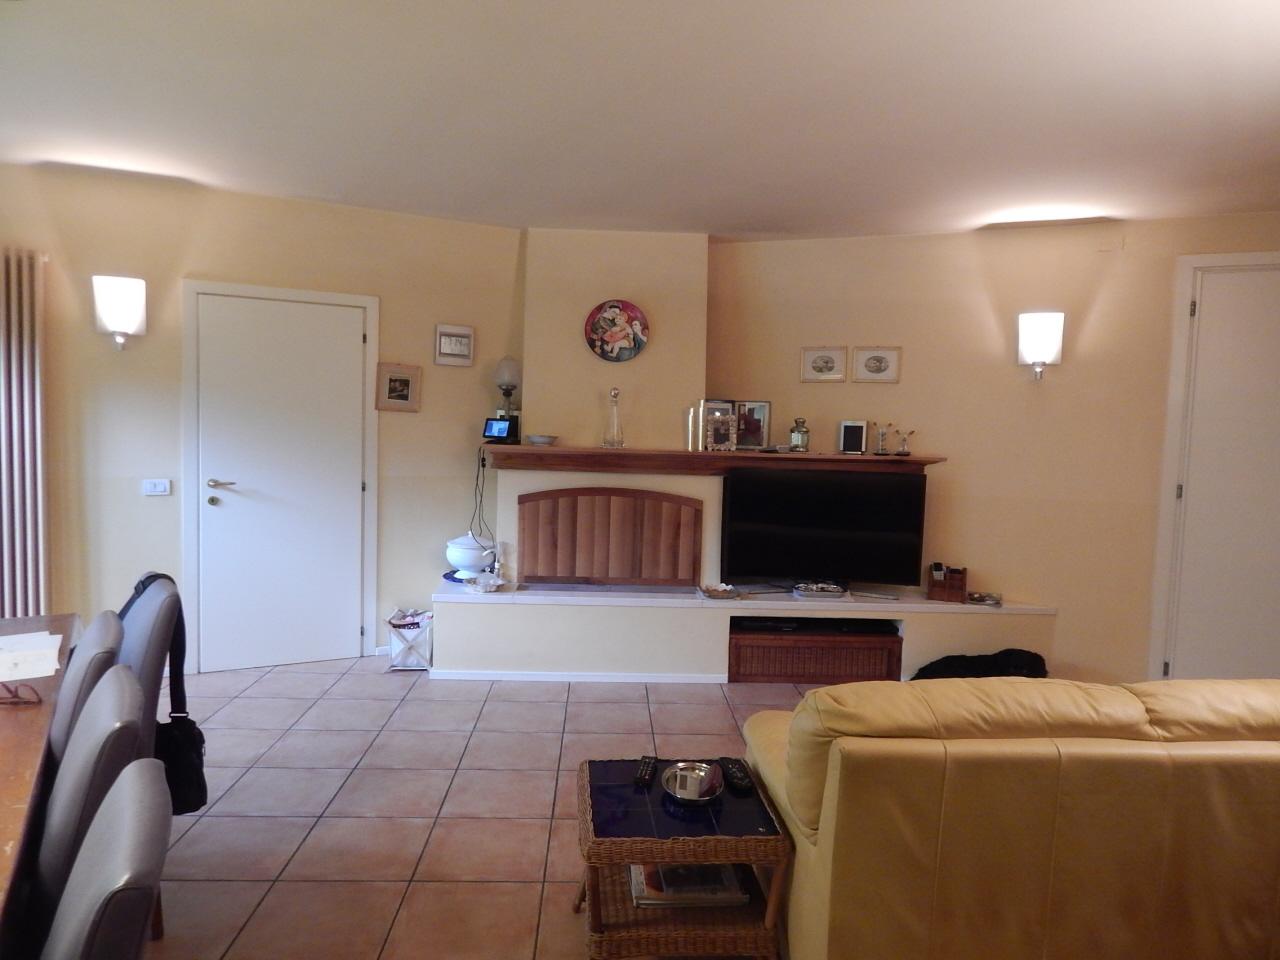 Villa 5 locali in vendita a Pesaro (PU)